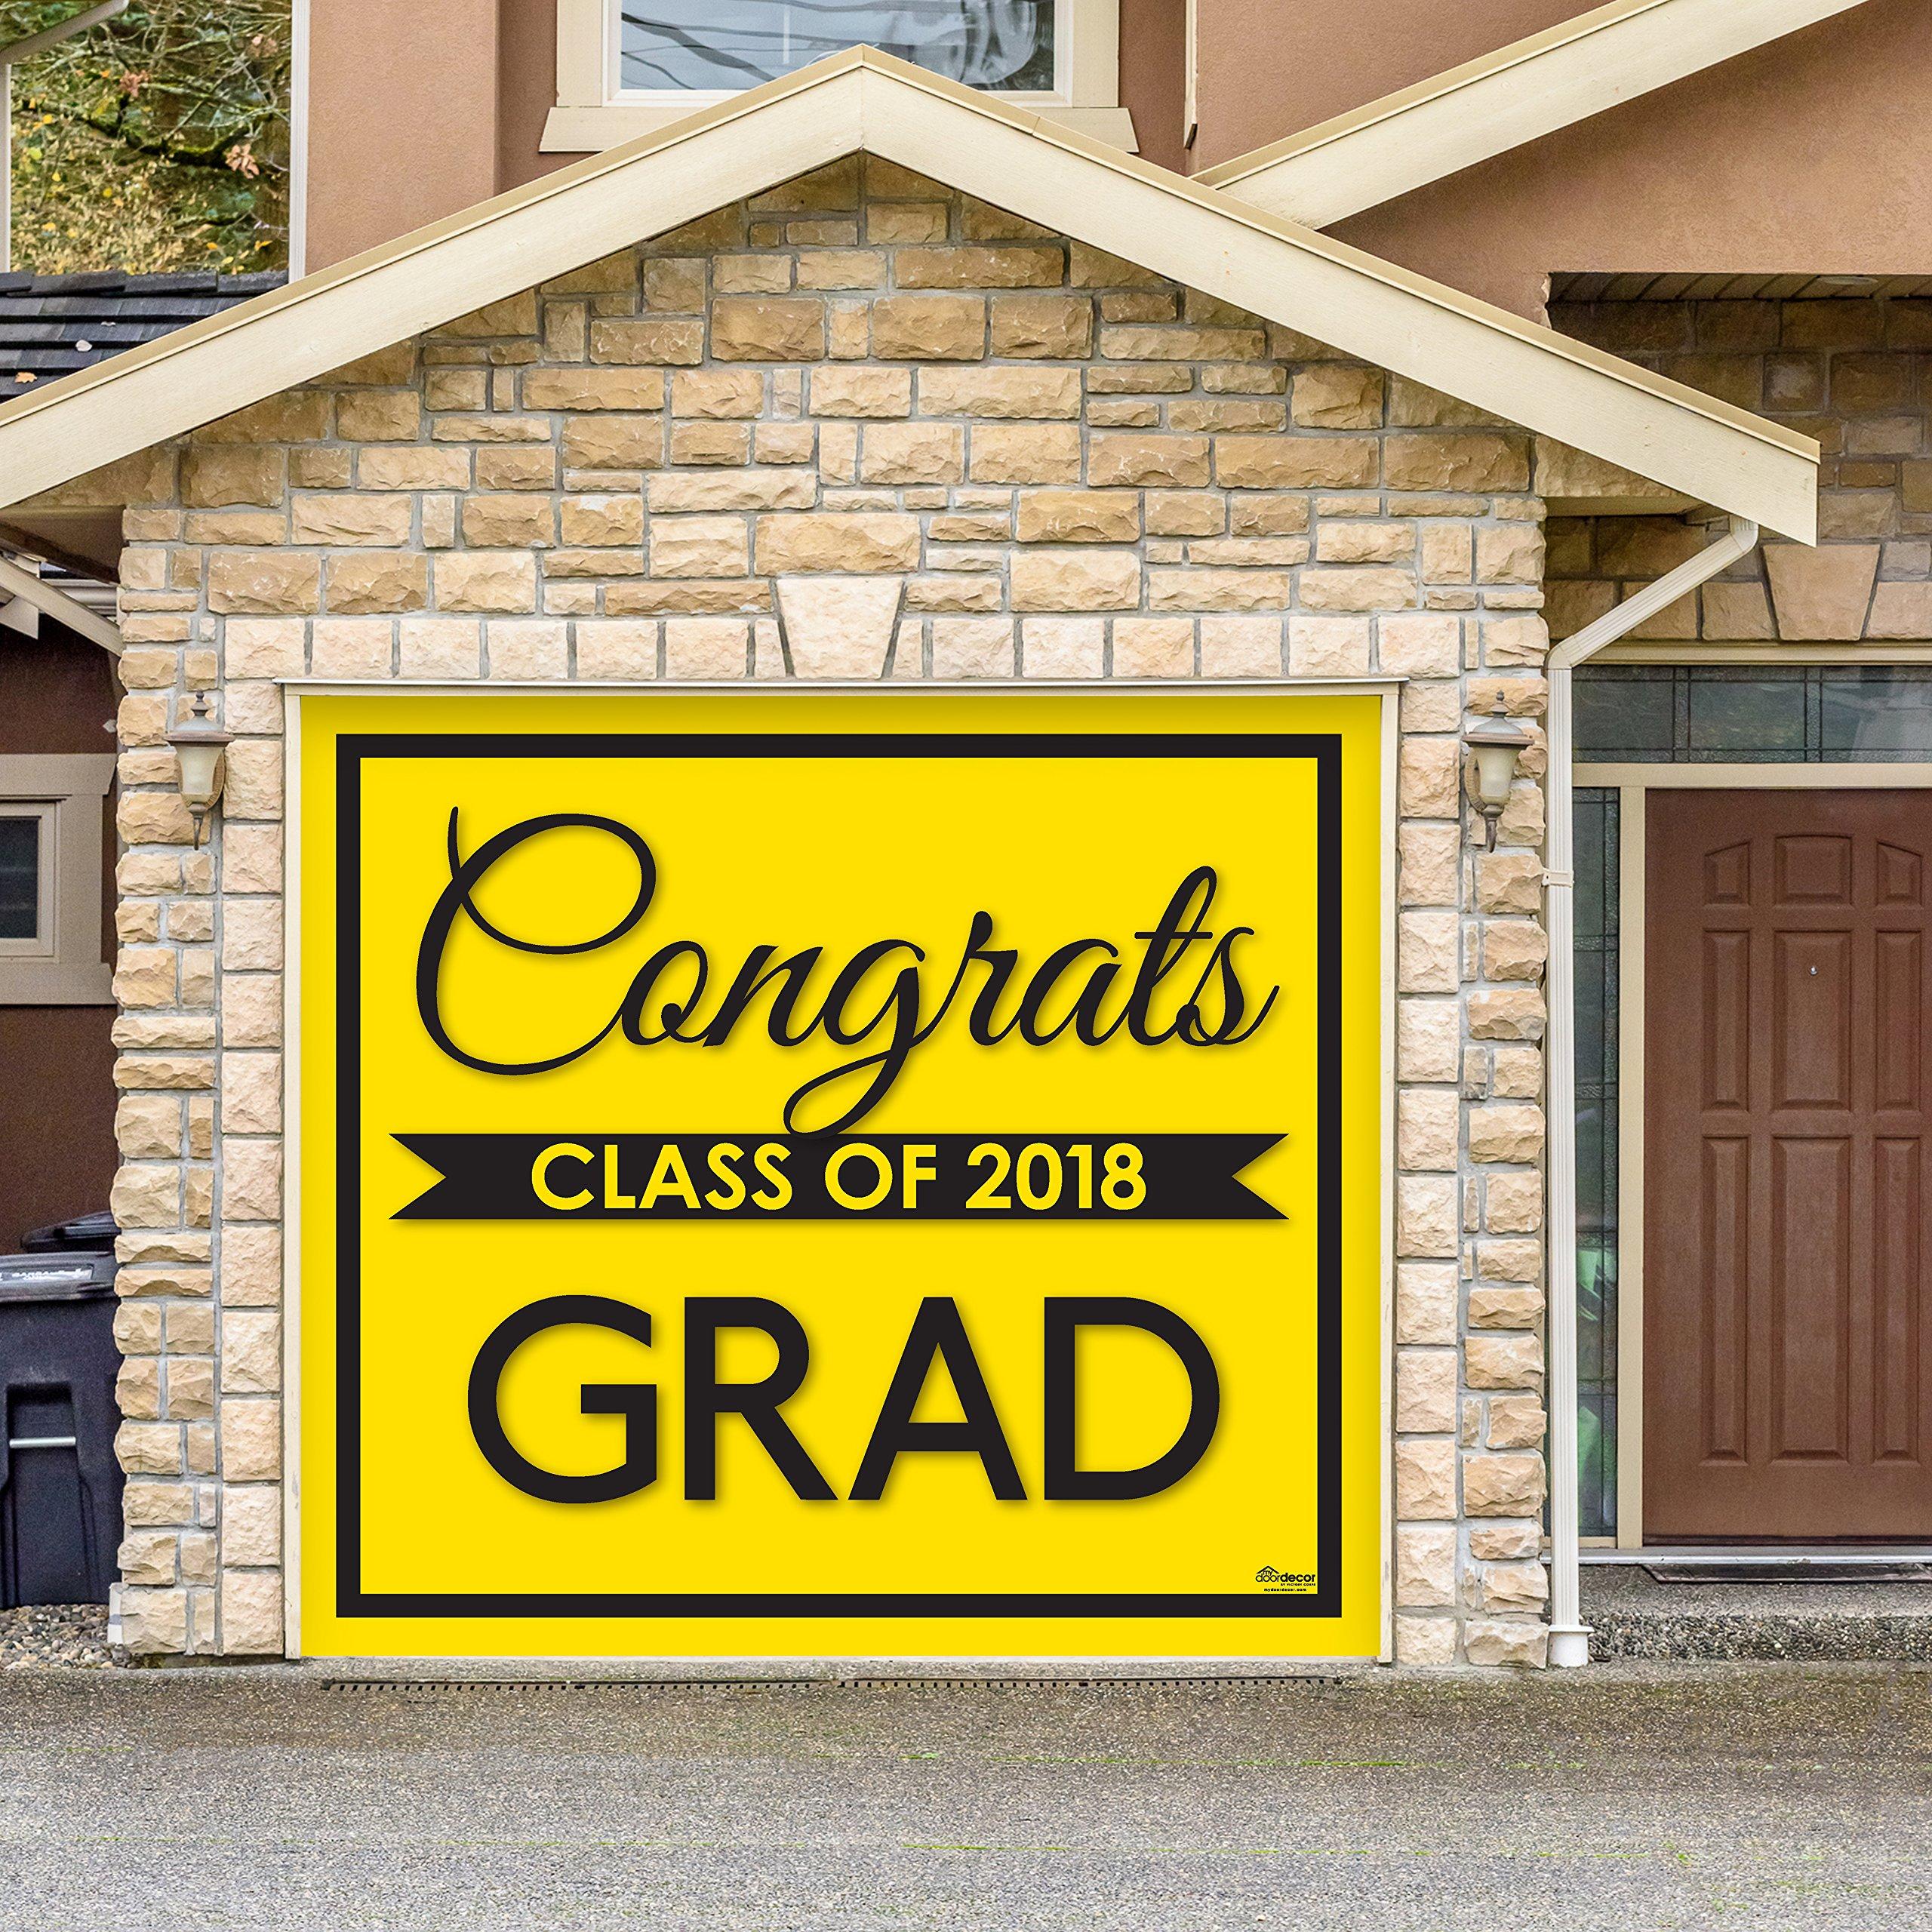 Victory Corps Class Banner Yellow - Outdoor Graduation Garage Door Banner Mural Sign Décor 7'x 8' Car Garage - The Original Holiday Garage Door Banner Decor